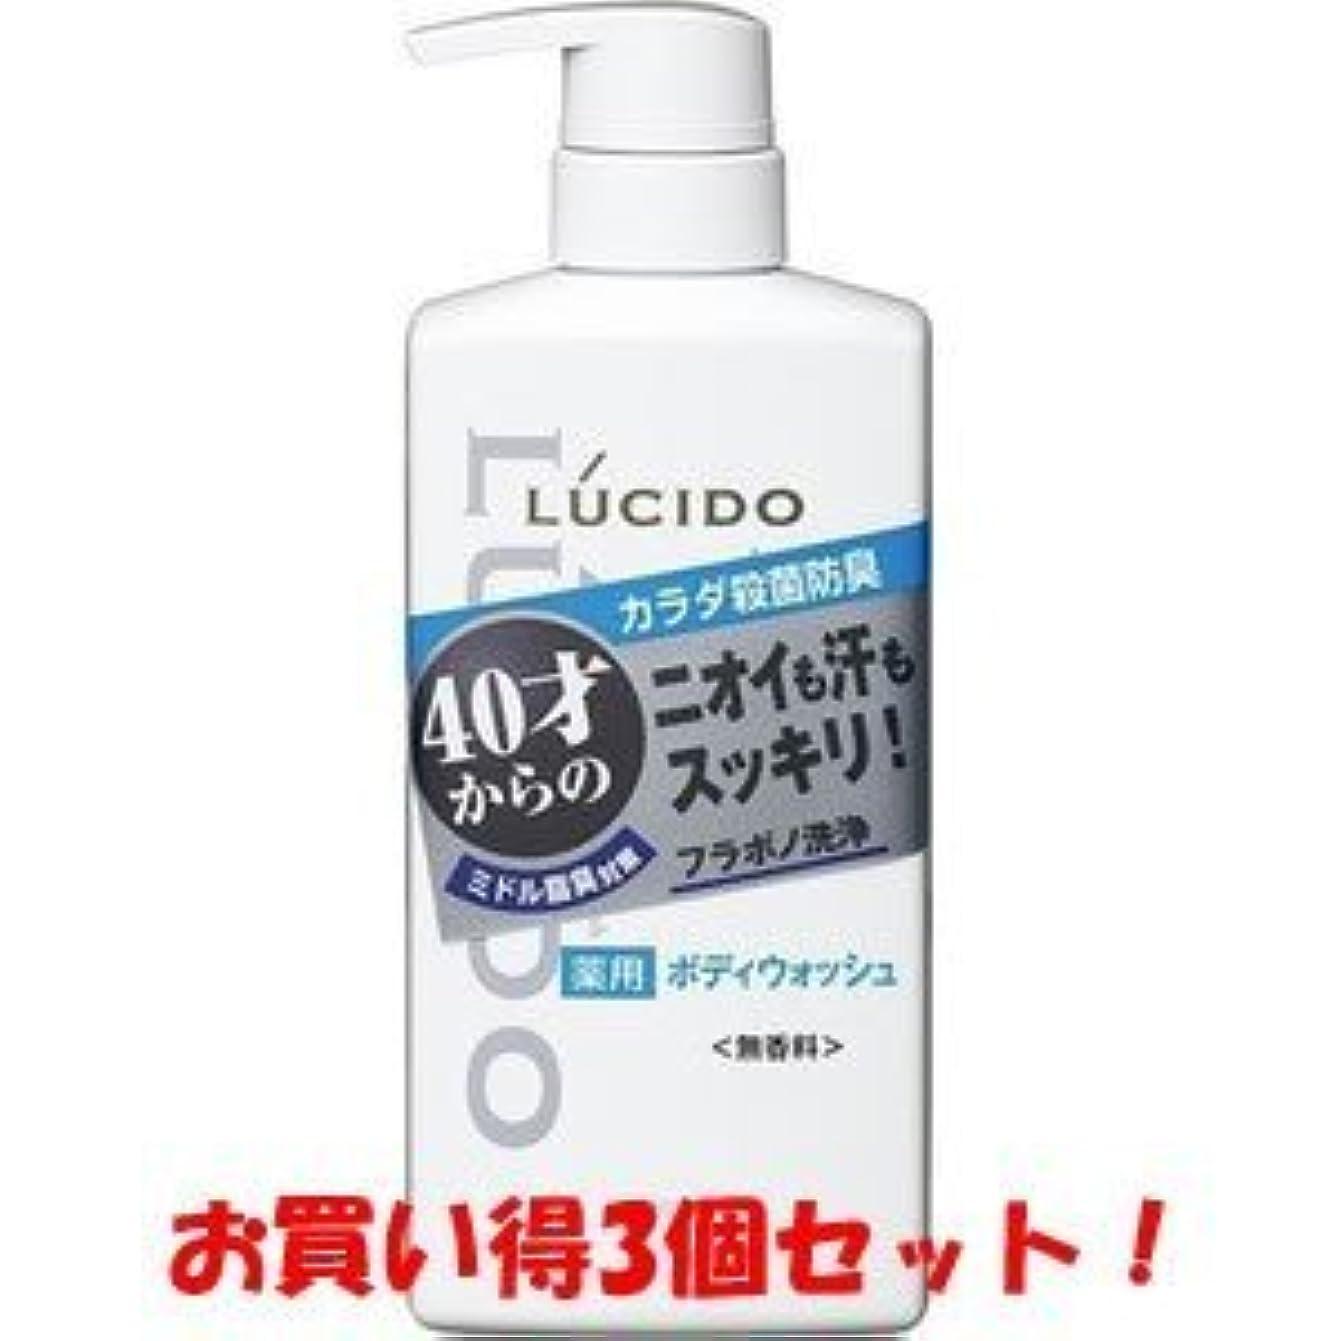 謝罪責任者移民【LUCIDO】ルシード 薬用デオドラントボディウォッシュ 450ml(医薬部外品)(お買い得3個セット)